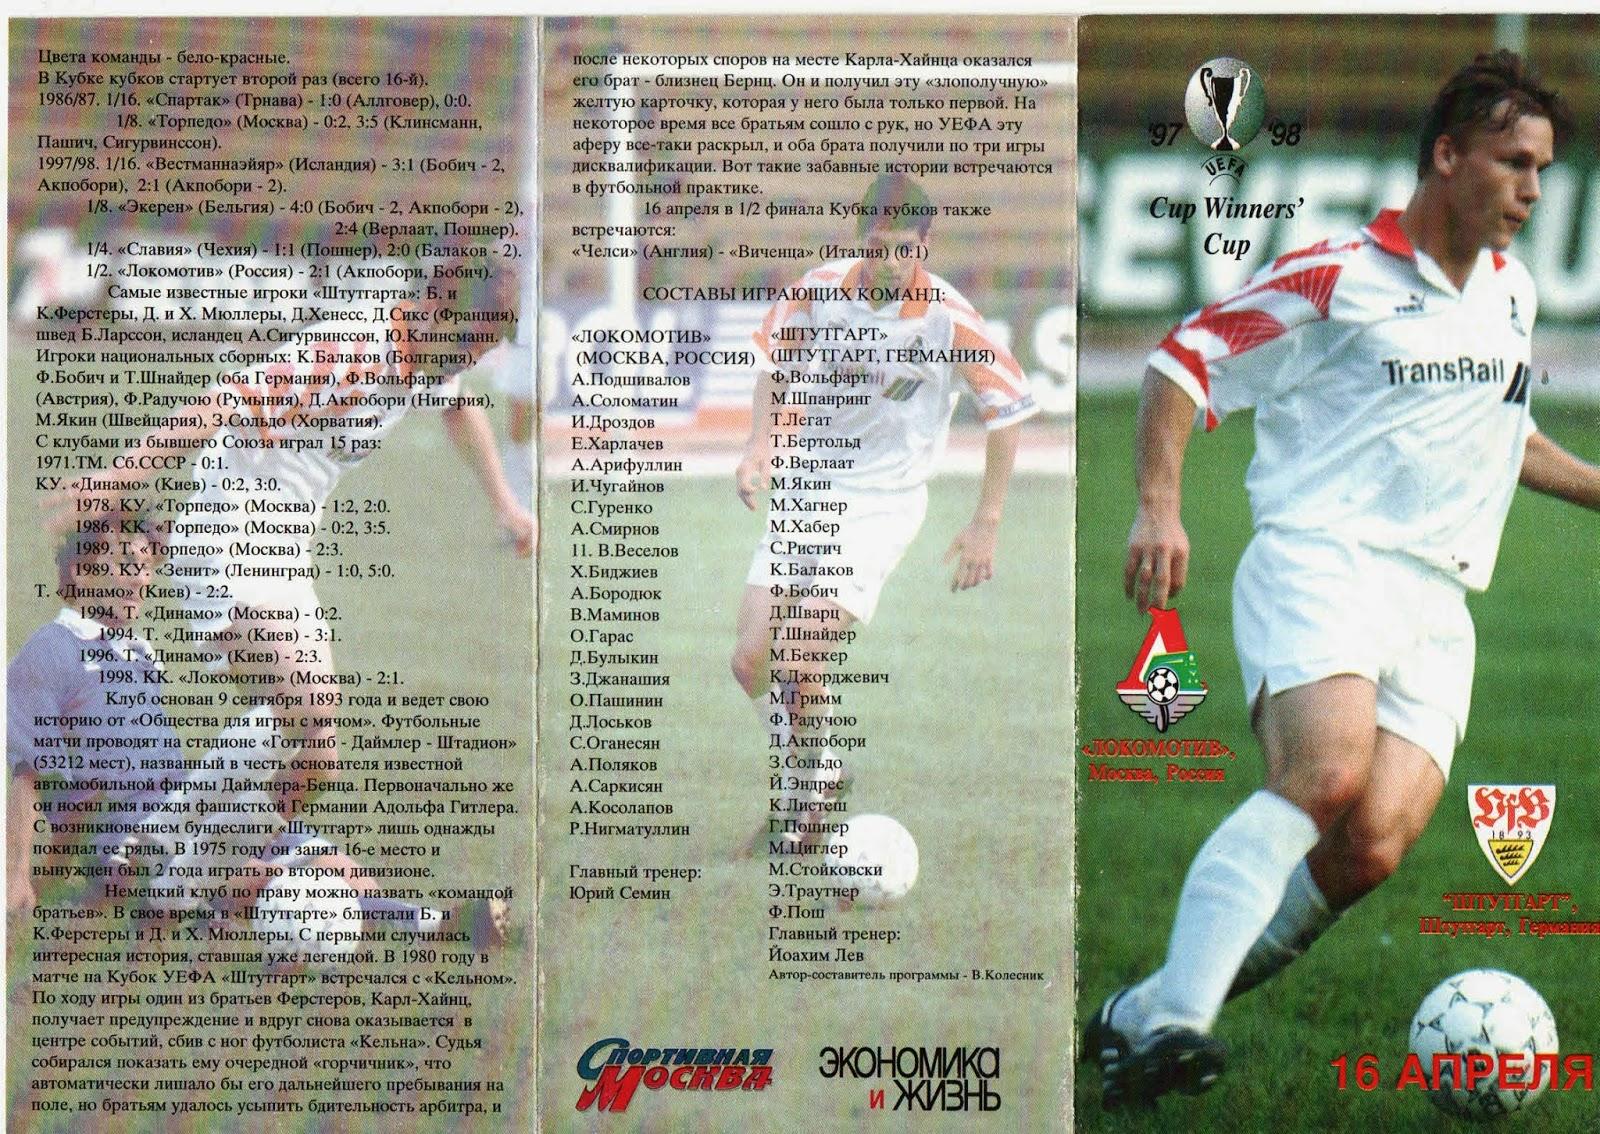 23 года назад «Локомотив» сыграл в полуфинале Кубка кубков. Парни Семина уступили команде начинающего тренера Йоахима Лева